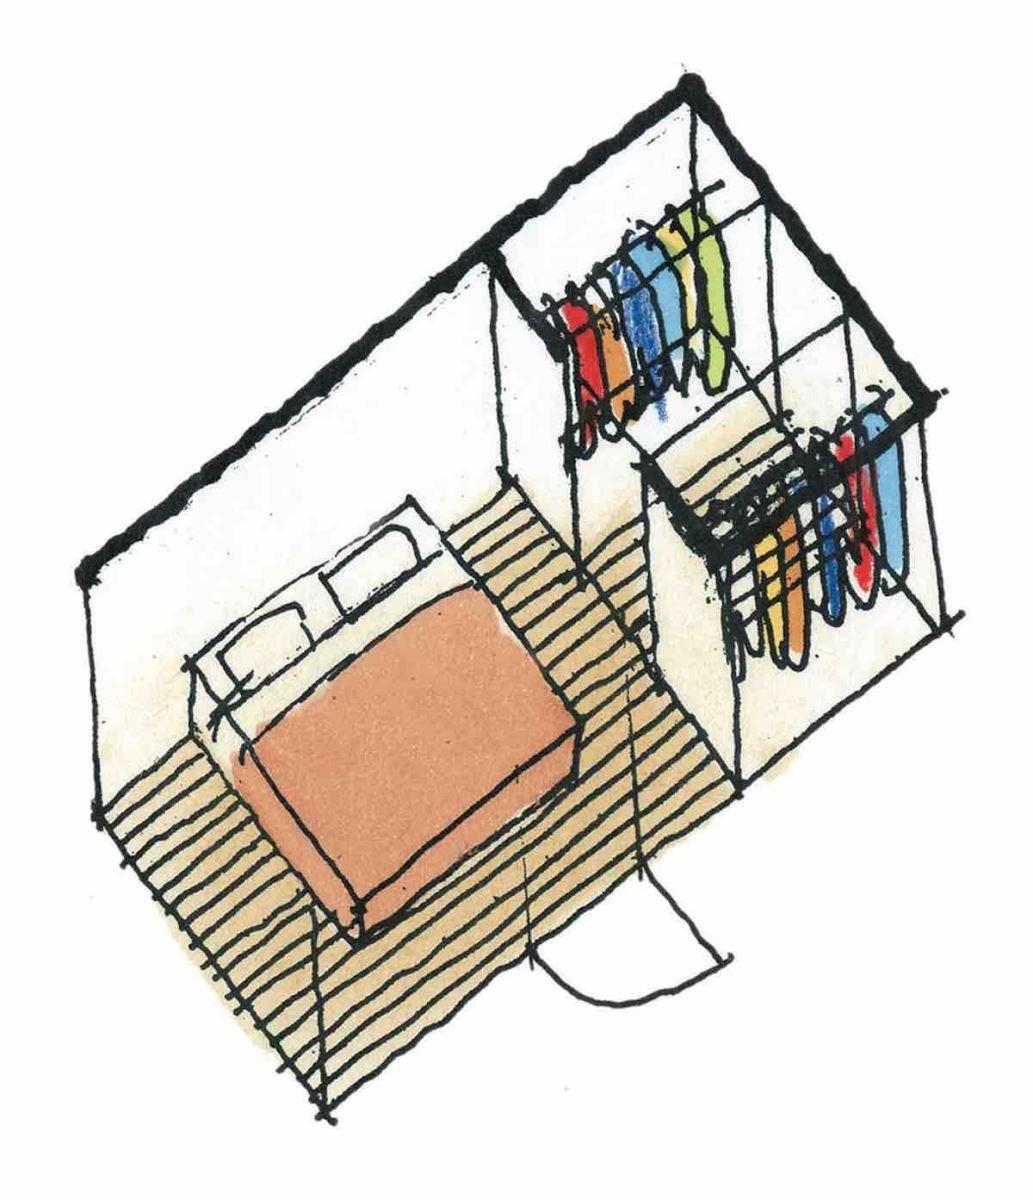 有更衣室(兩列式)的寢室-等角透視圖 圖片提供_漂亮家居麥浩斯